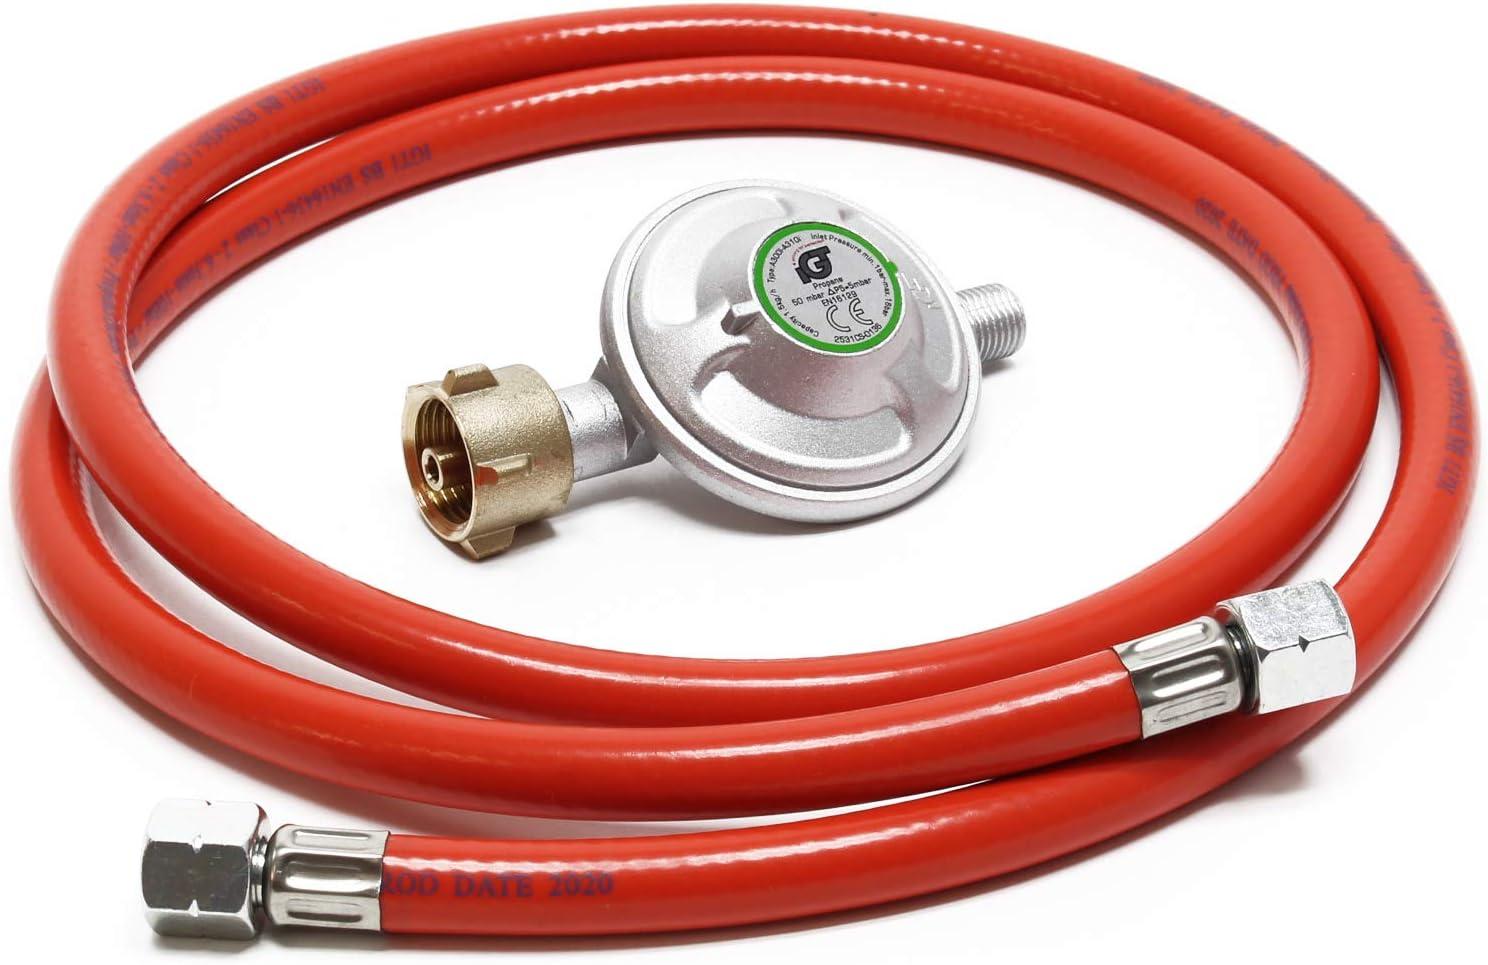 WilTec Manguera de Gas 1.5my regulador de presión 50mbar Accesorios bombonas Gas Hornillo Camping Alemania